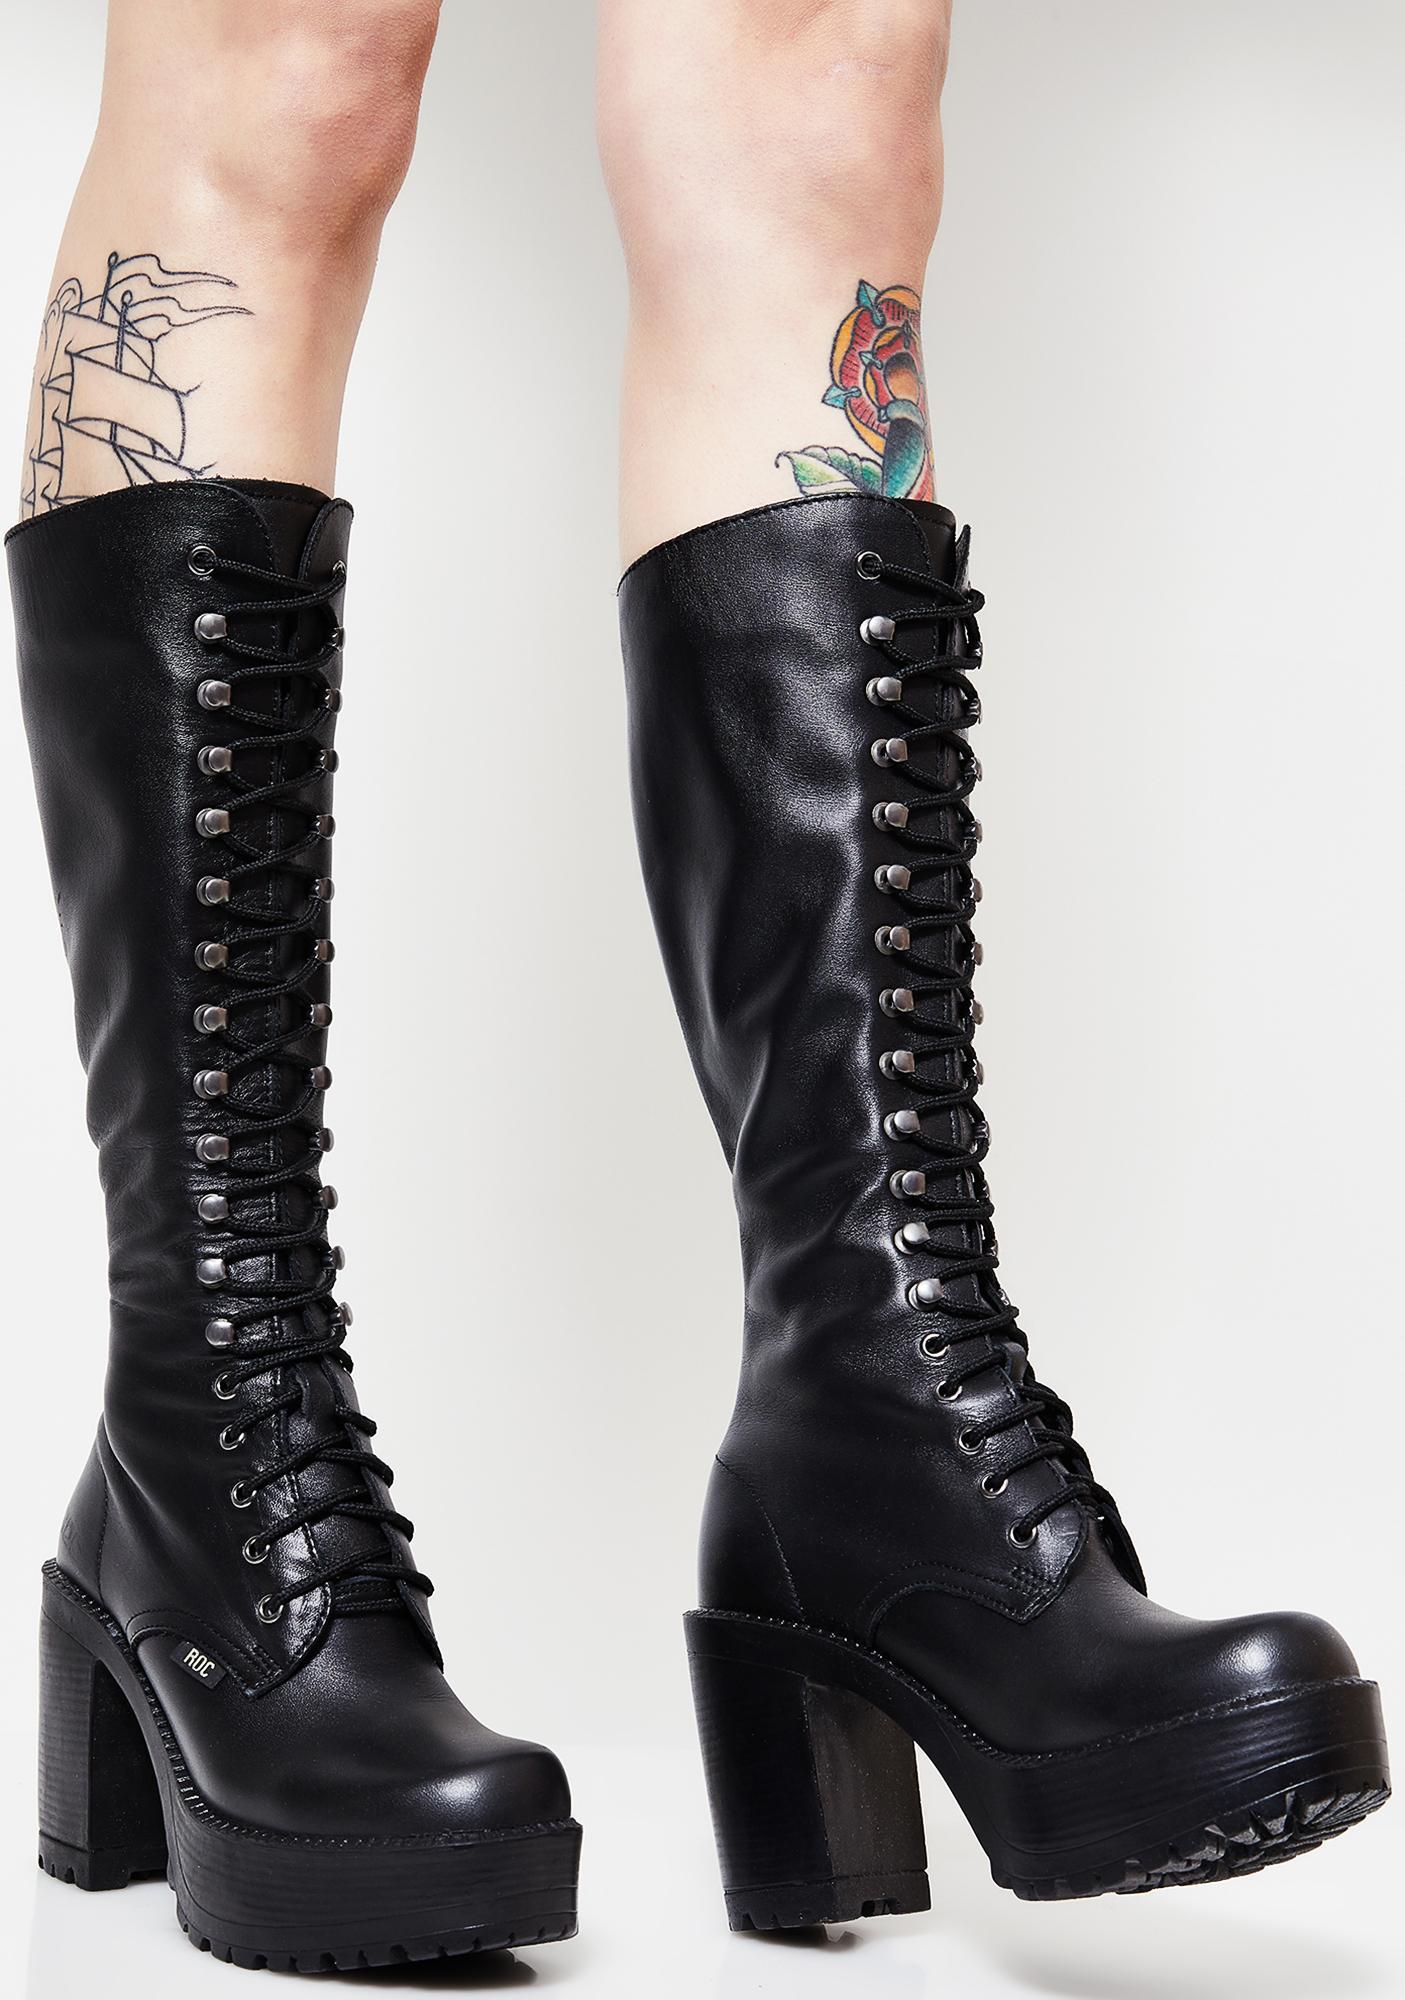 de4cd585bb ROC Boots Australia Lash Boots | Dolls Kill